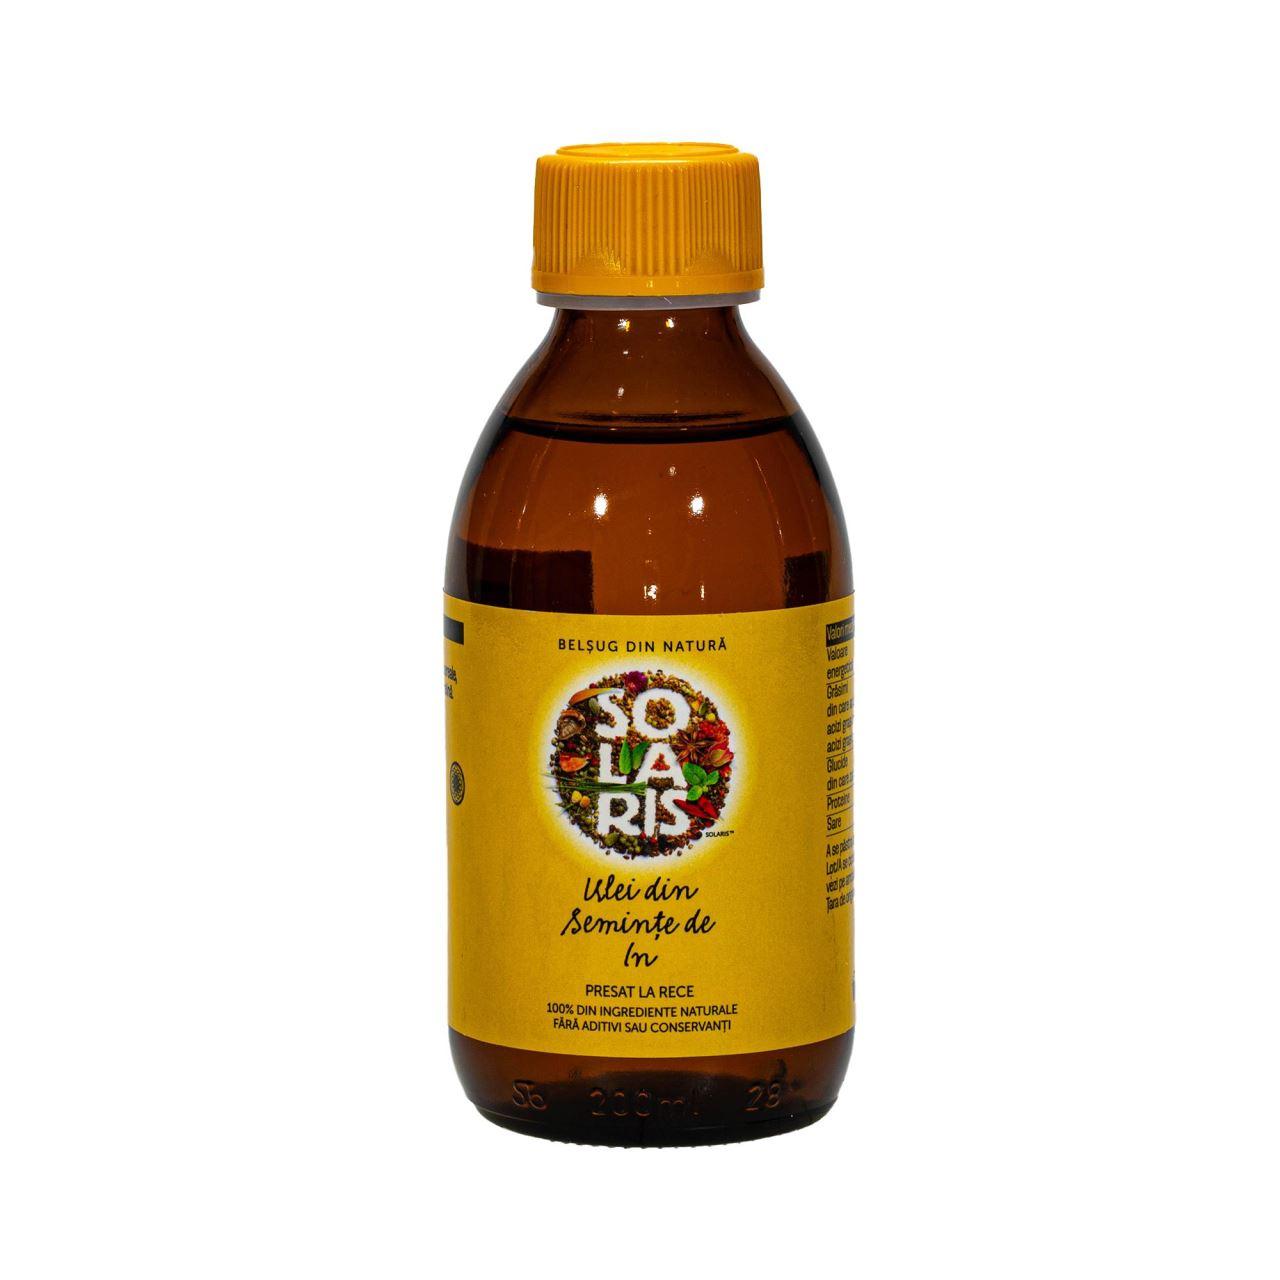 ulei din seminte de in pentru slabit